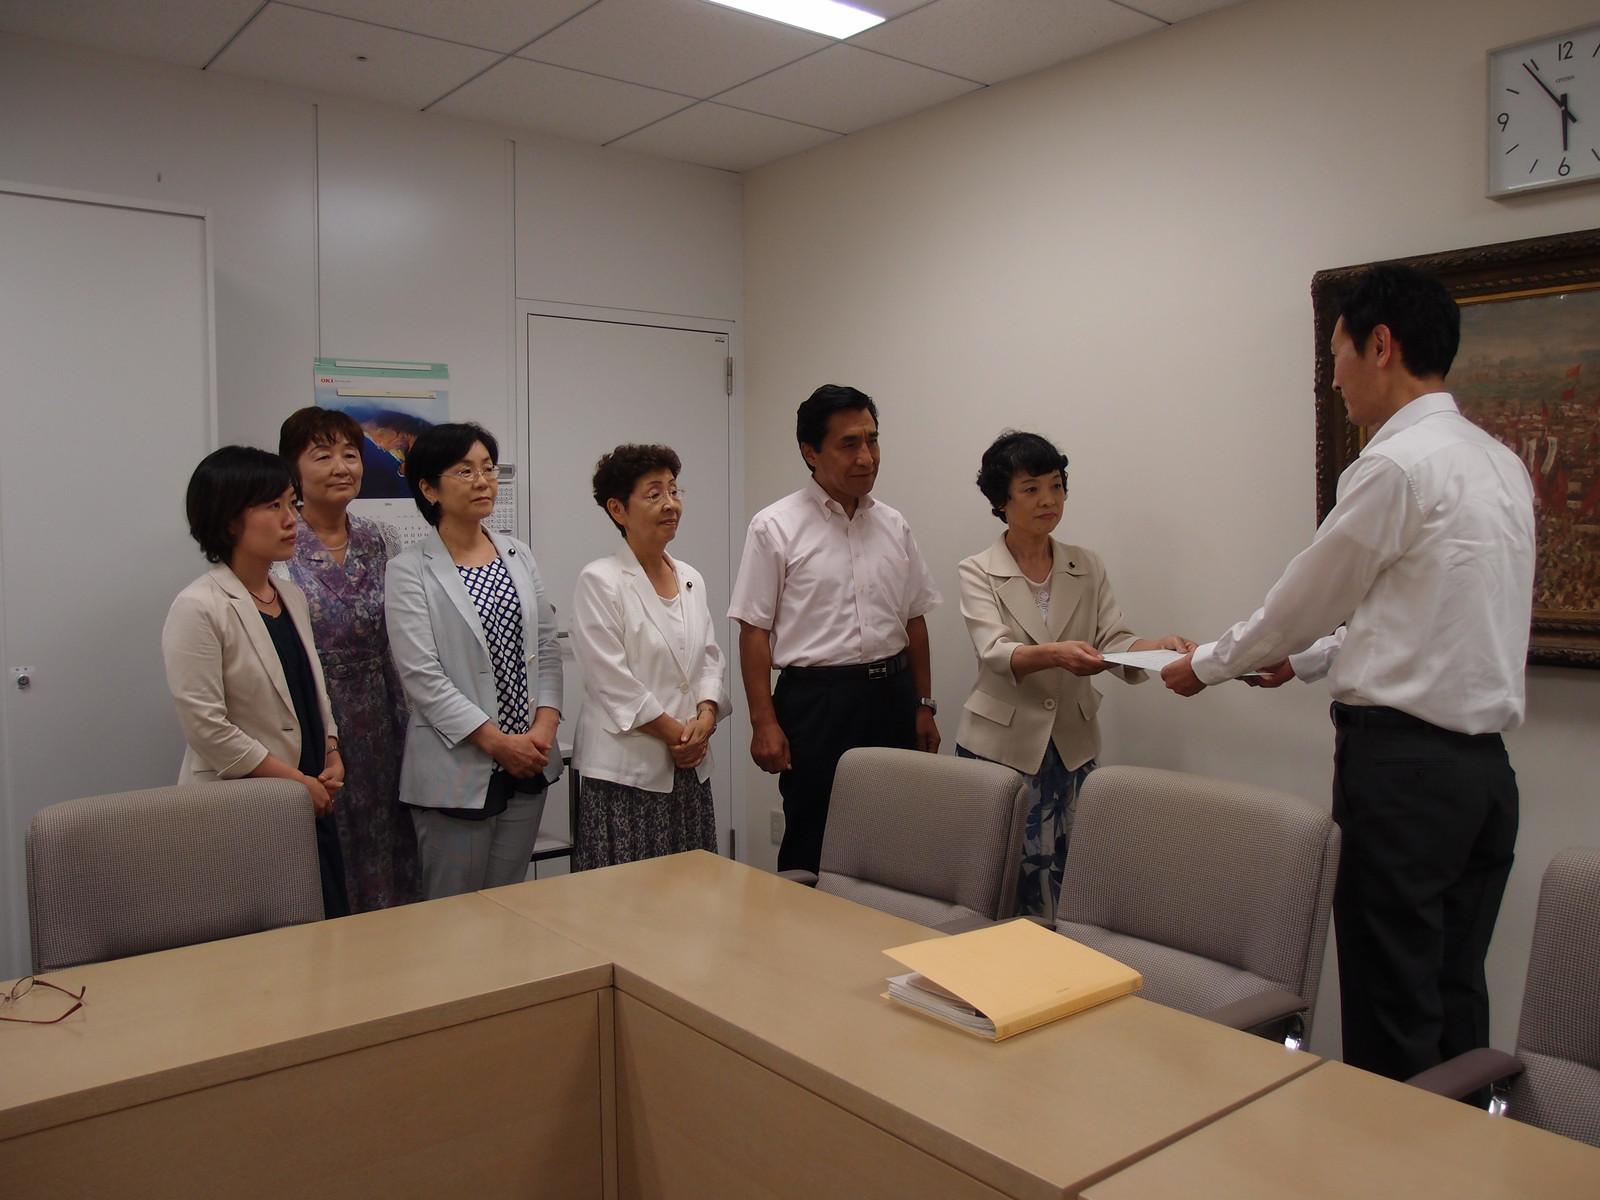 オスプレイの飛来を認めないよう、東京都の基地対策部長(右)に申し入れる共産党都議団=21日午後6時、東京都庁